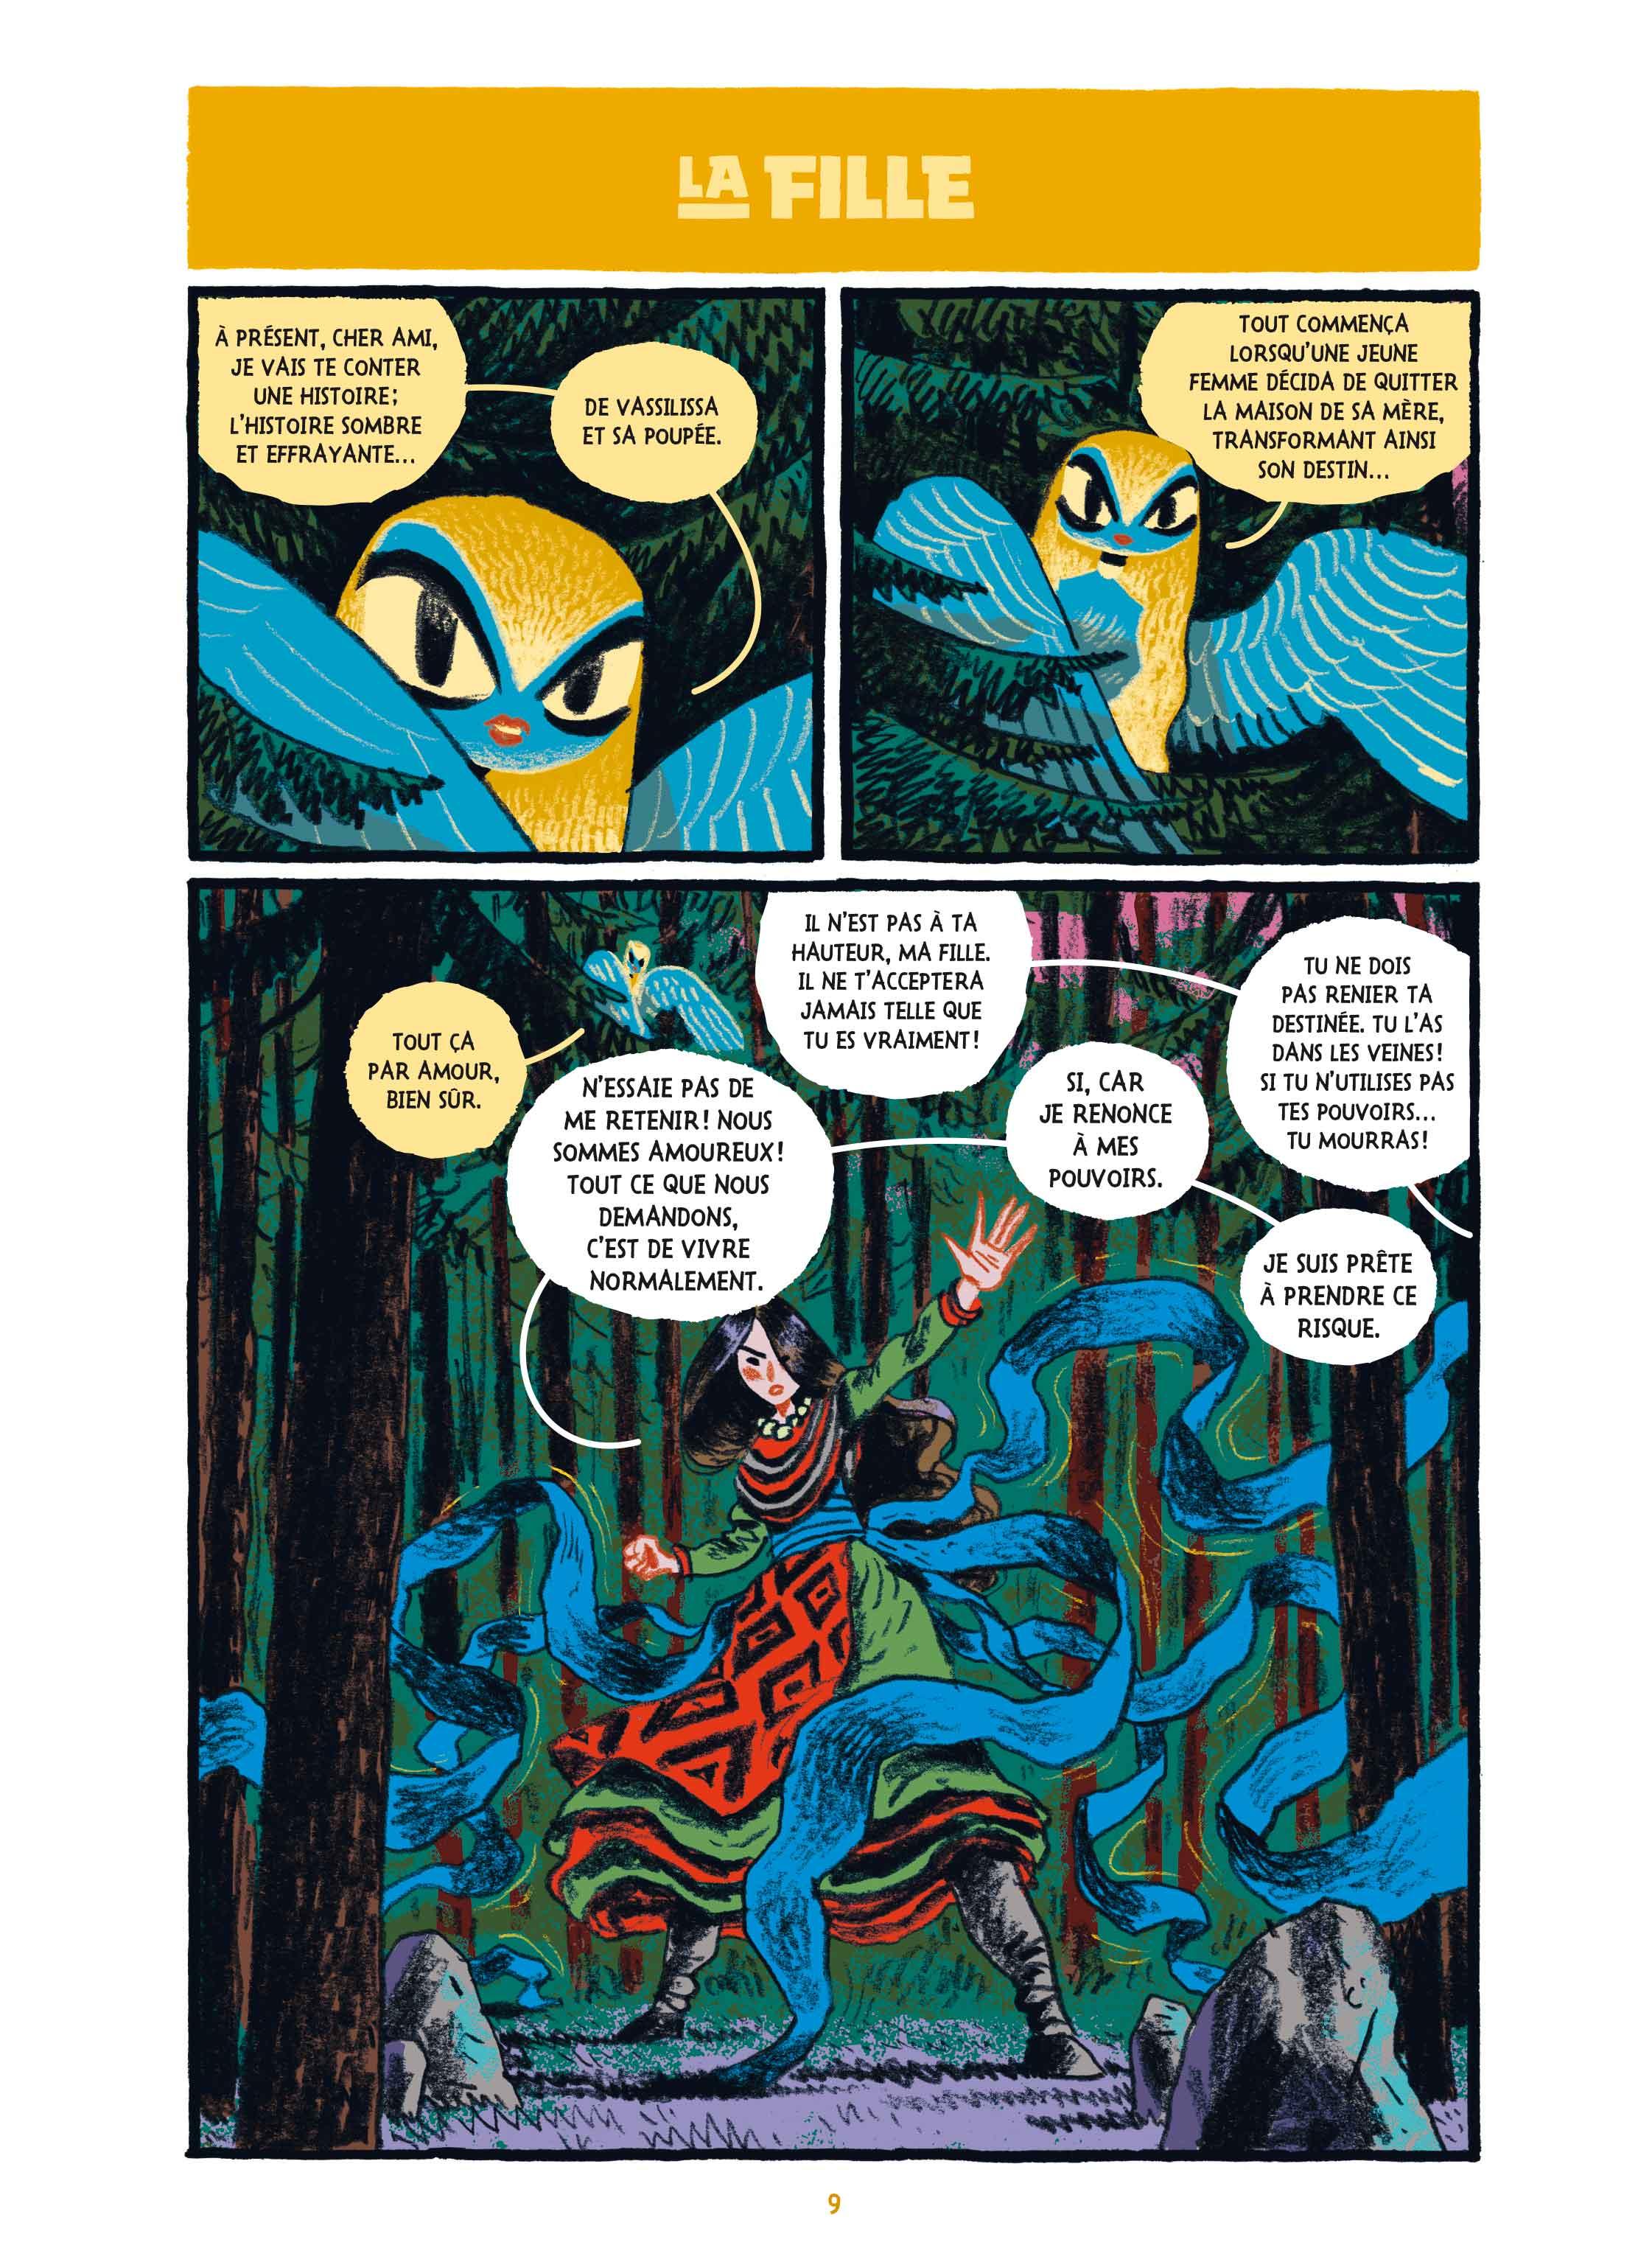 « La Princesse guerrière » page 9.